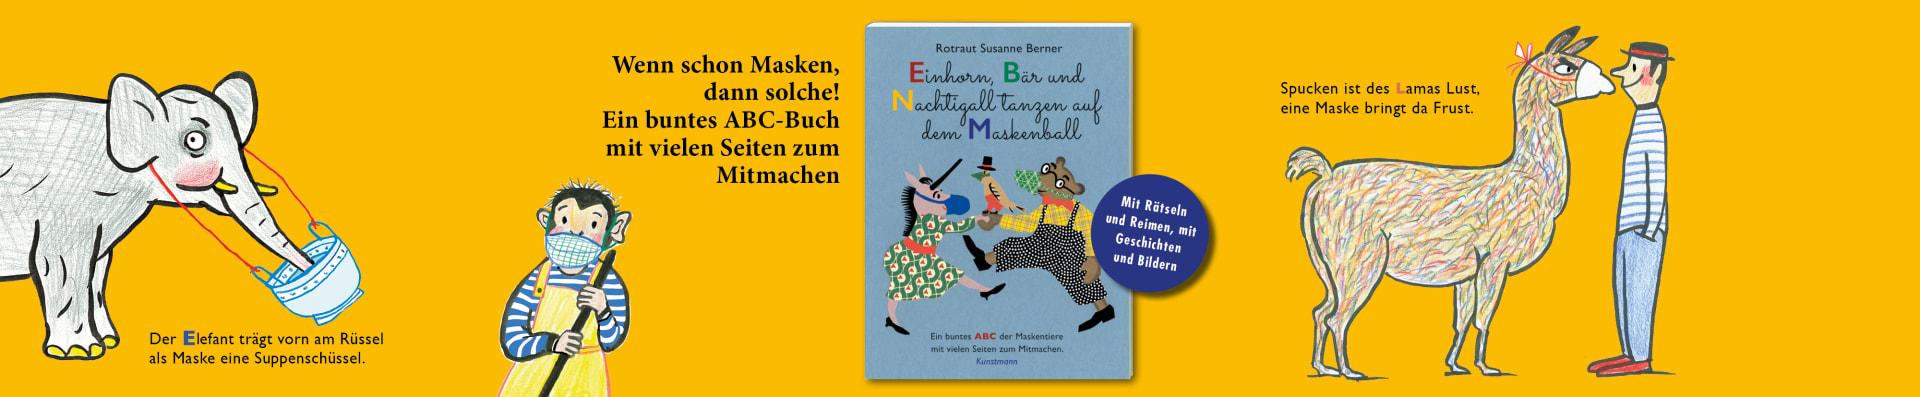 Rotraut Susanne Berner – Einhorn, Bär und Nachtigall tanzen auf dem Maskenball